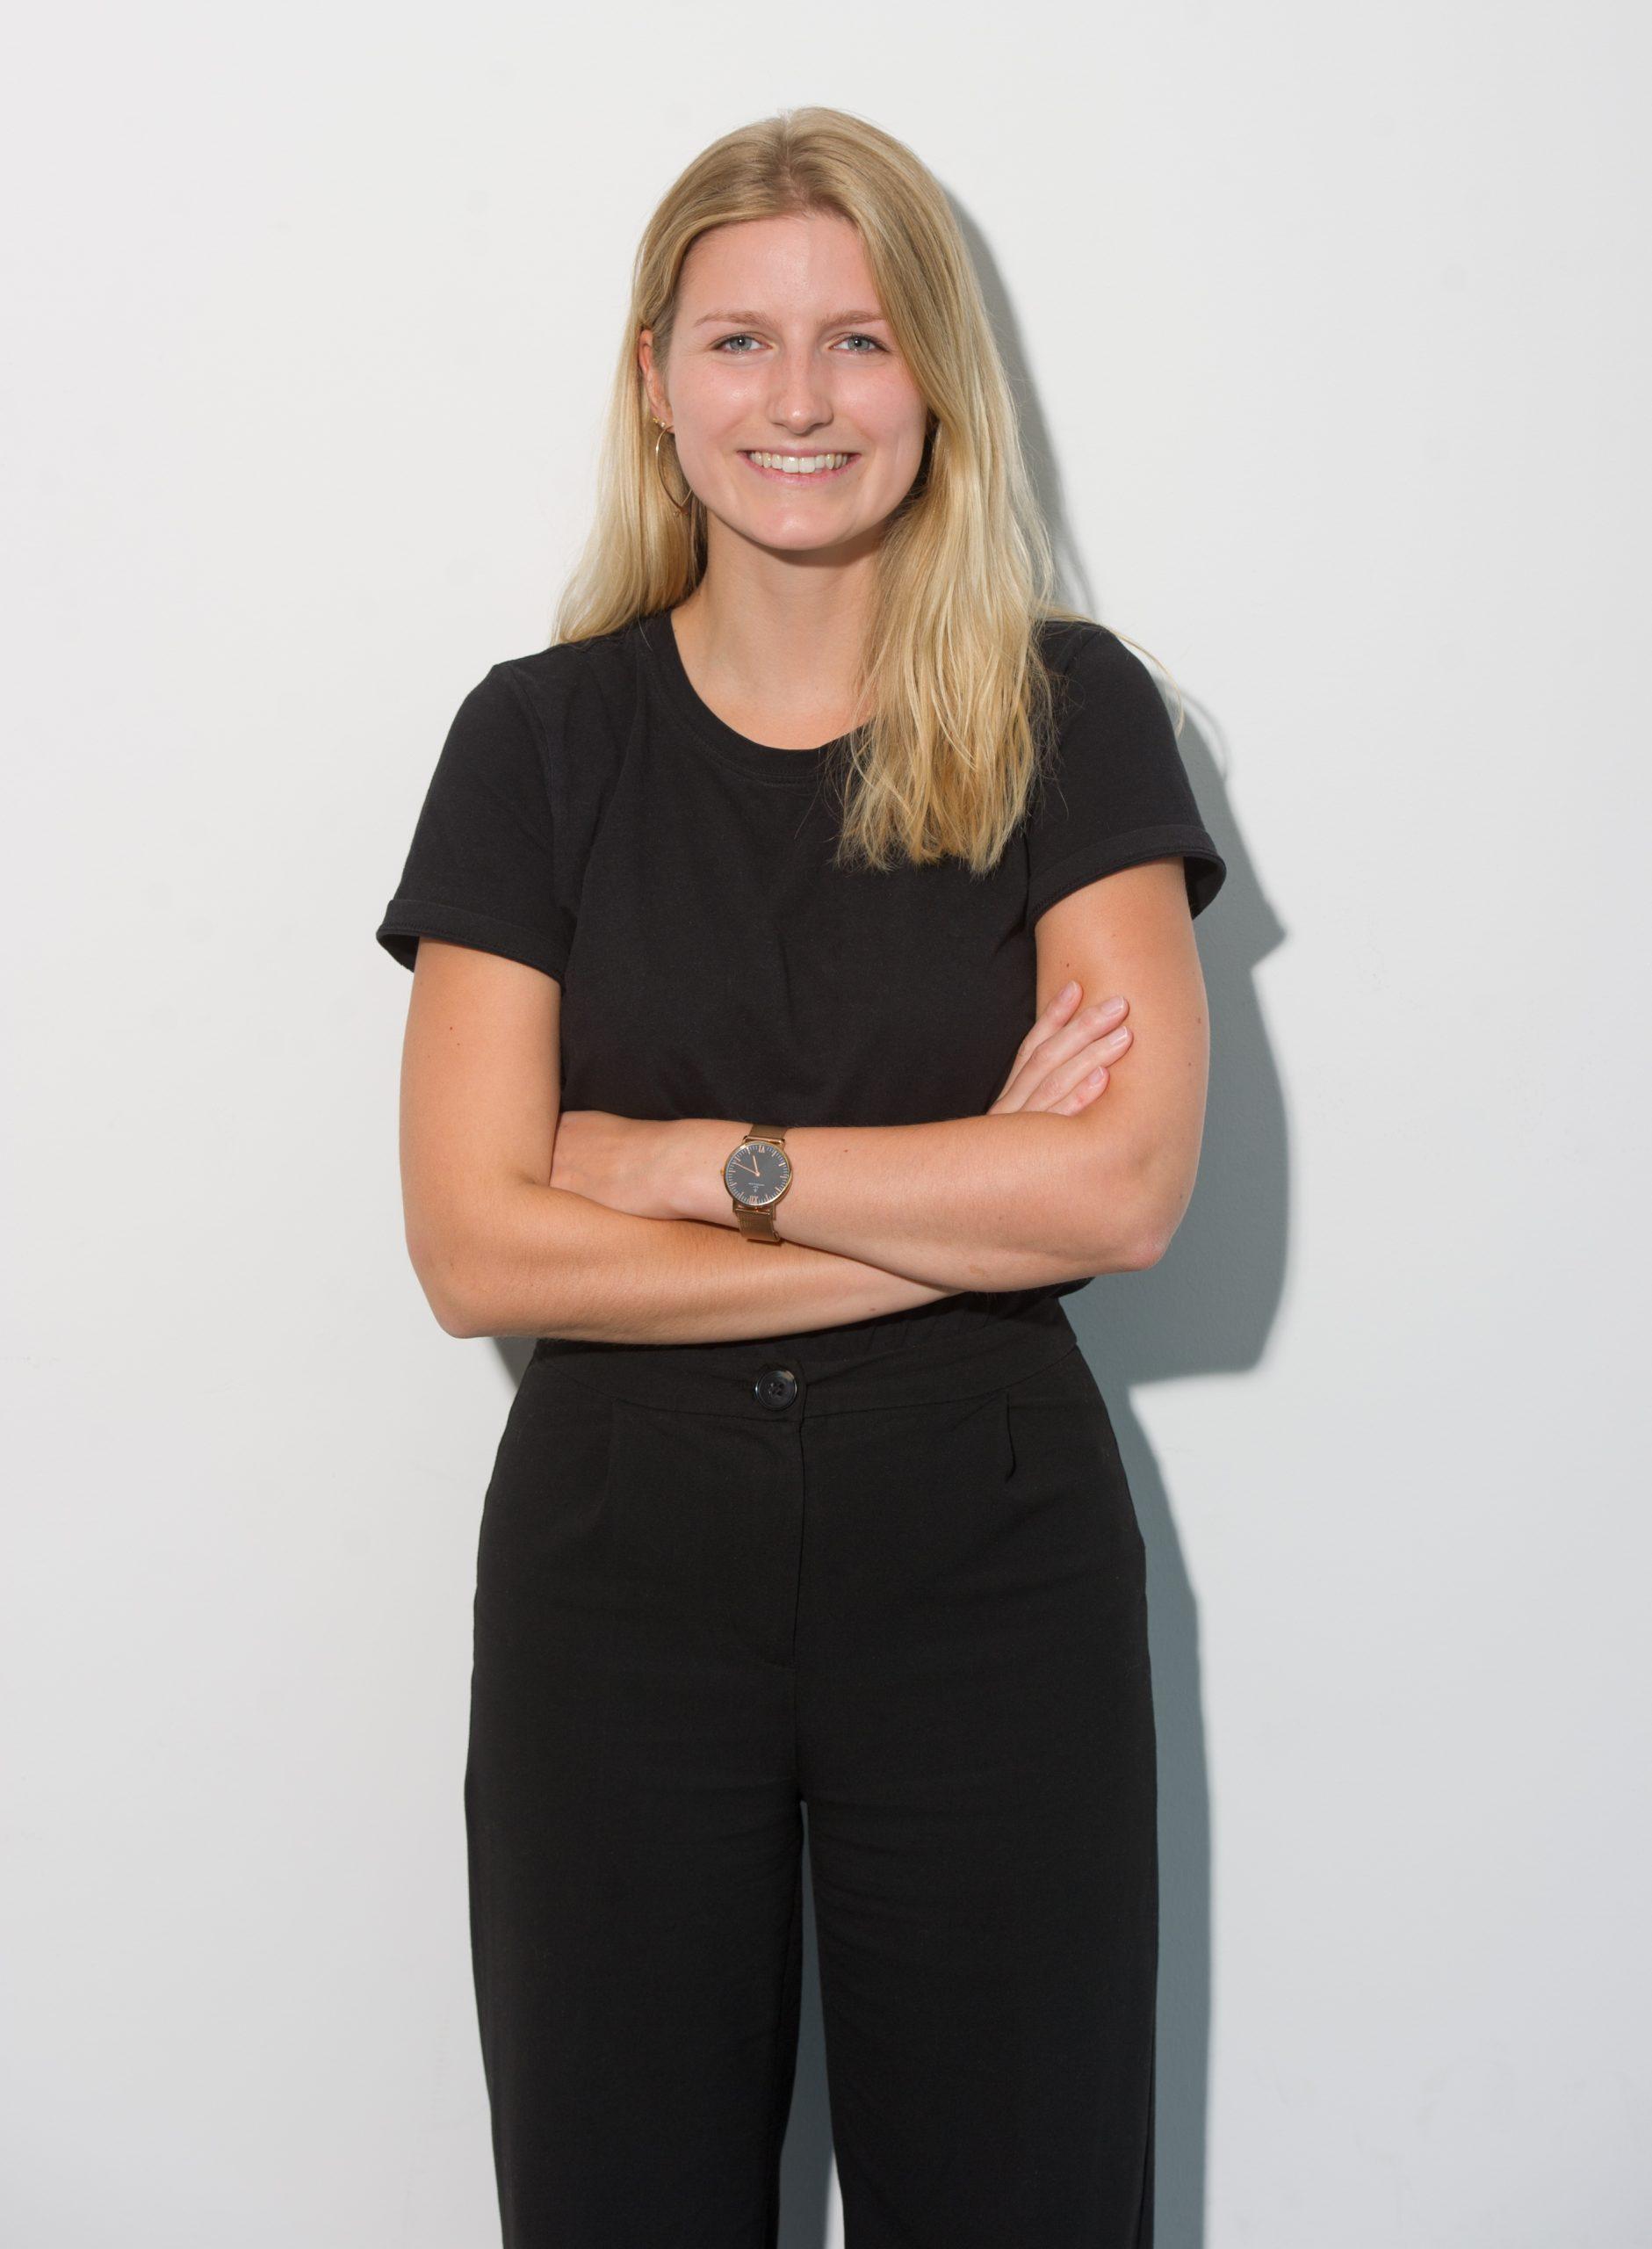 Laura Krieglstein